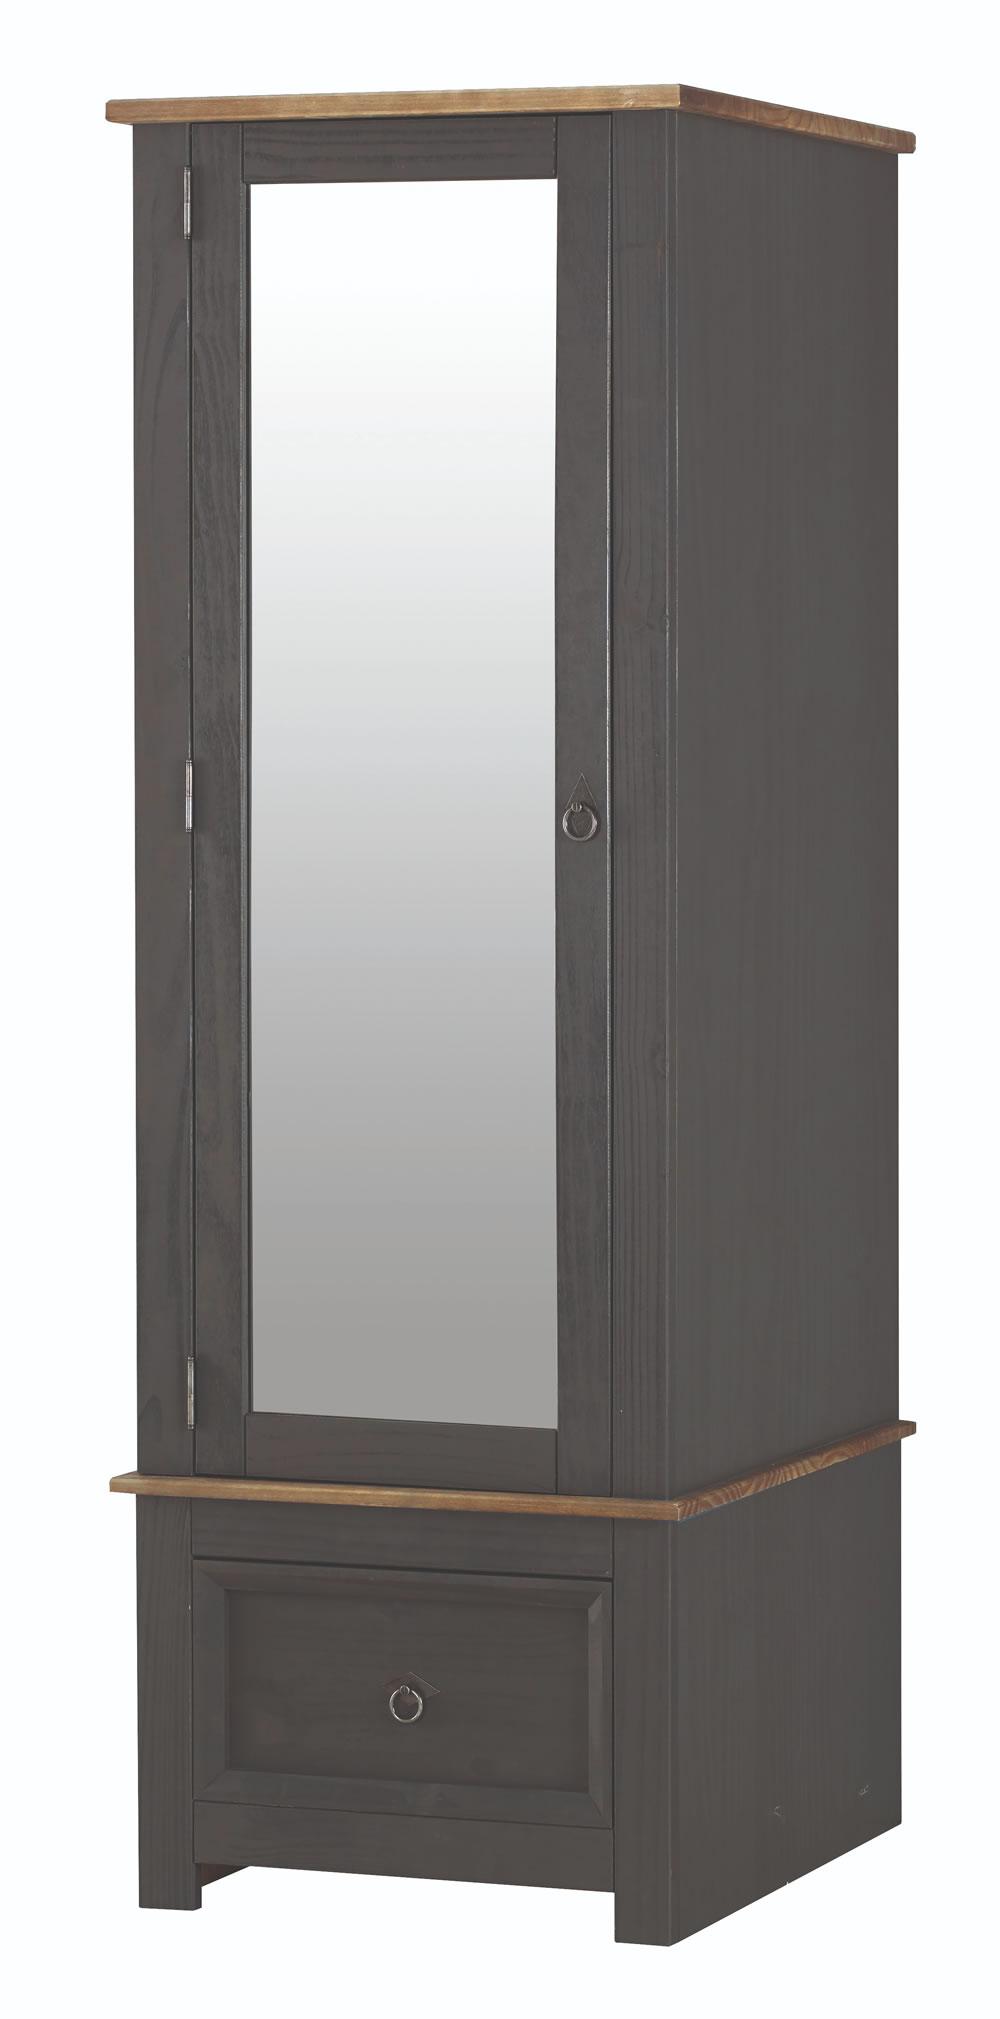 armoire mirrored door